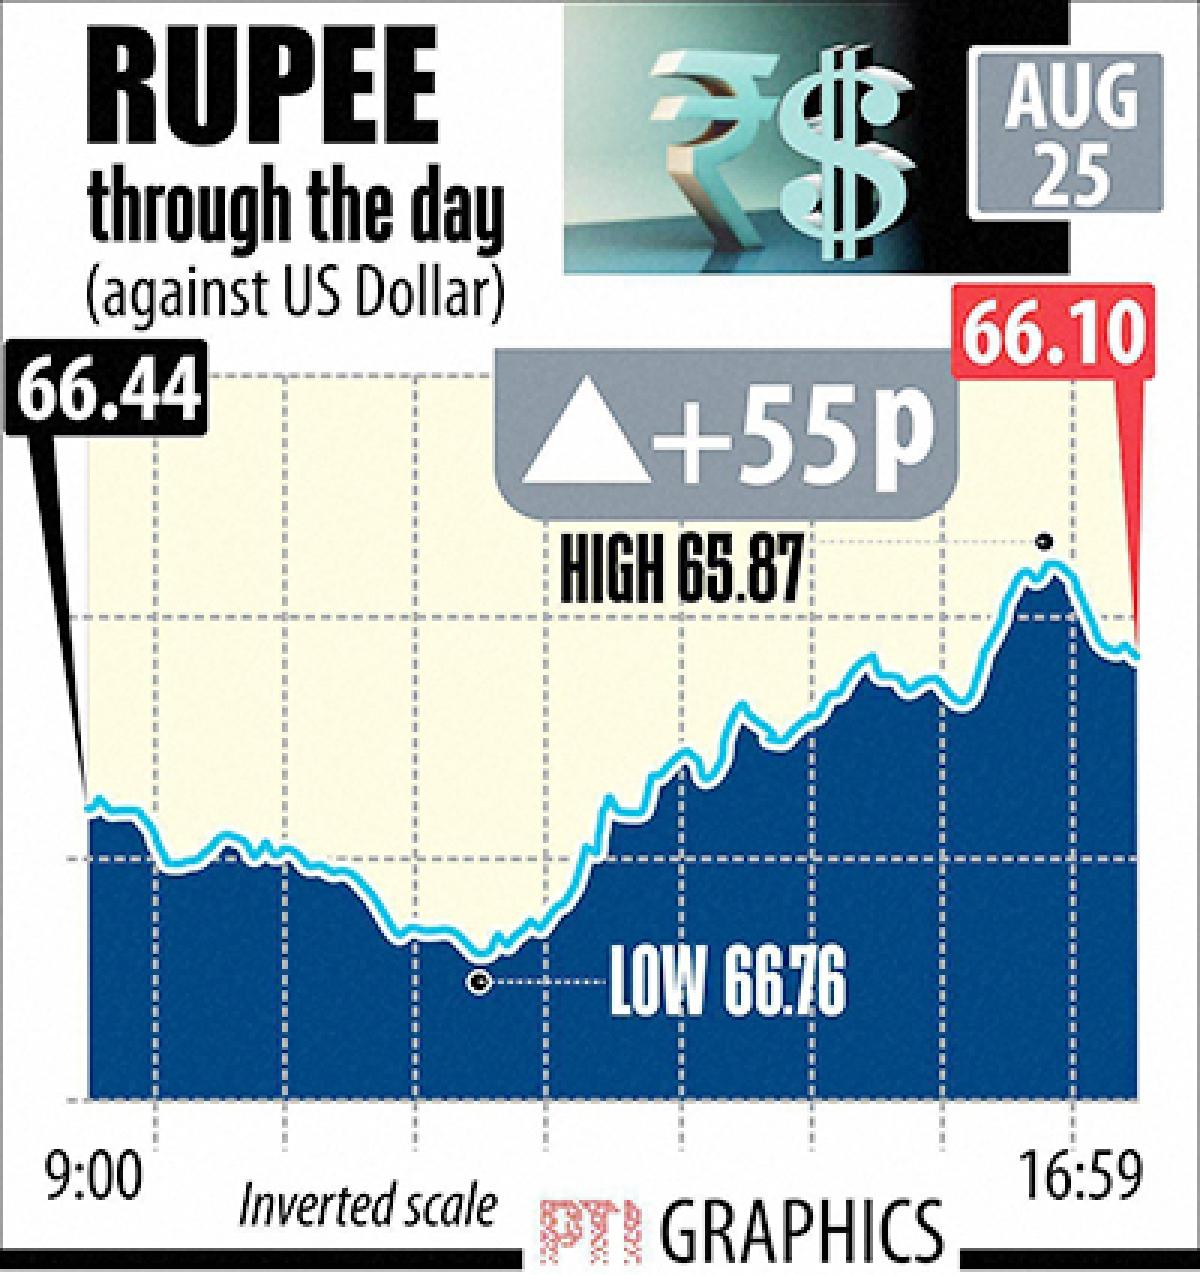 Rupee bounces back, gains 55p